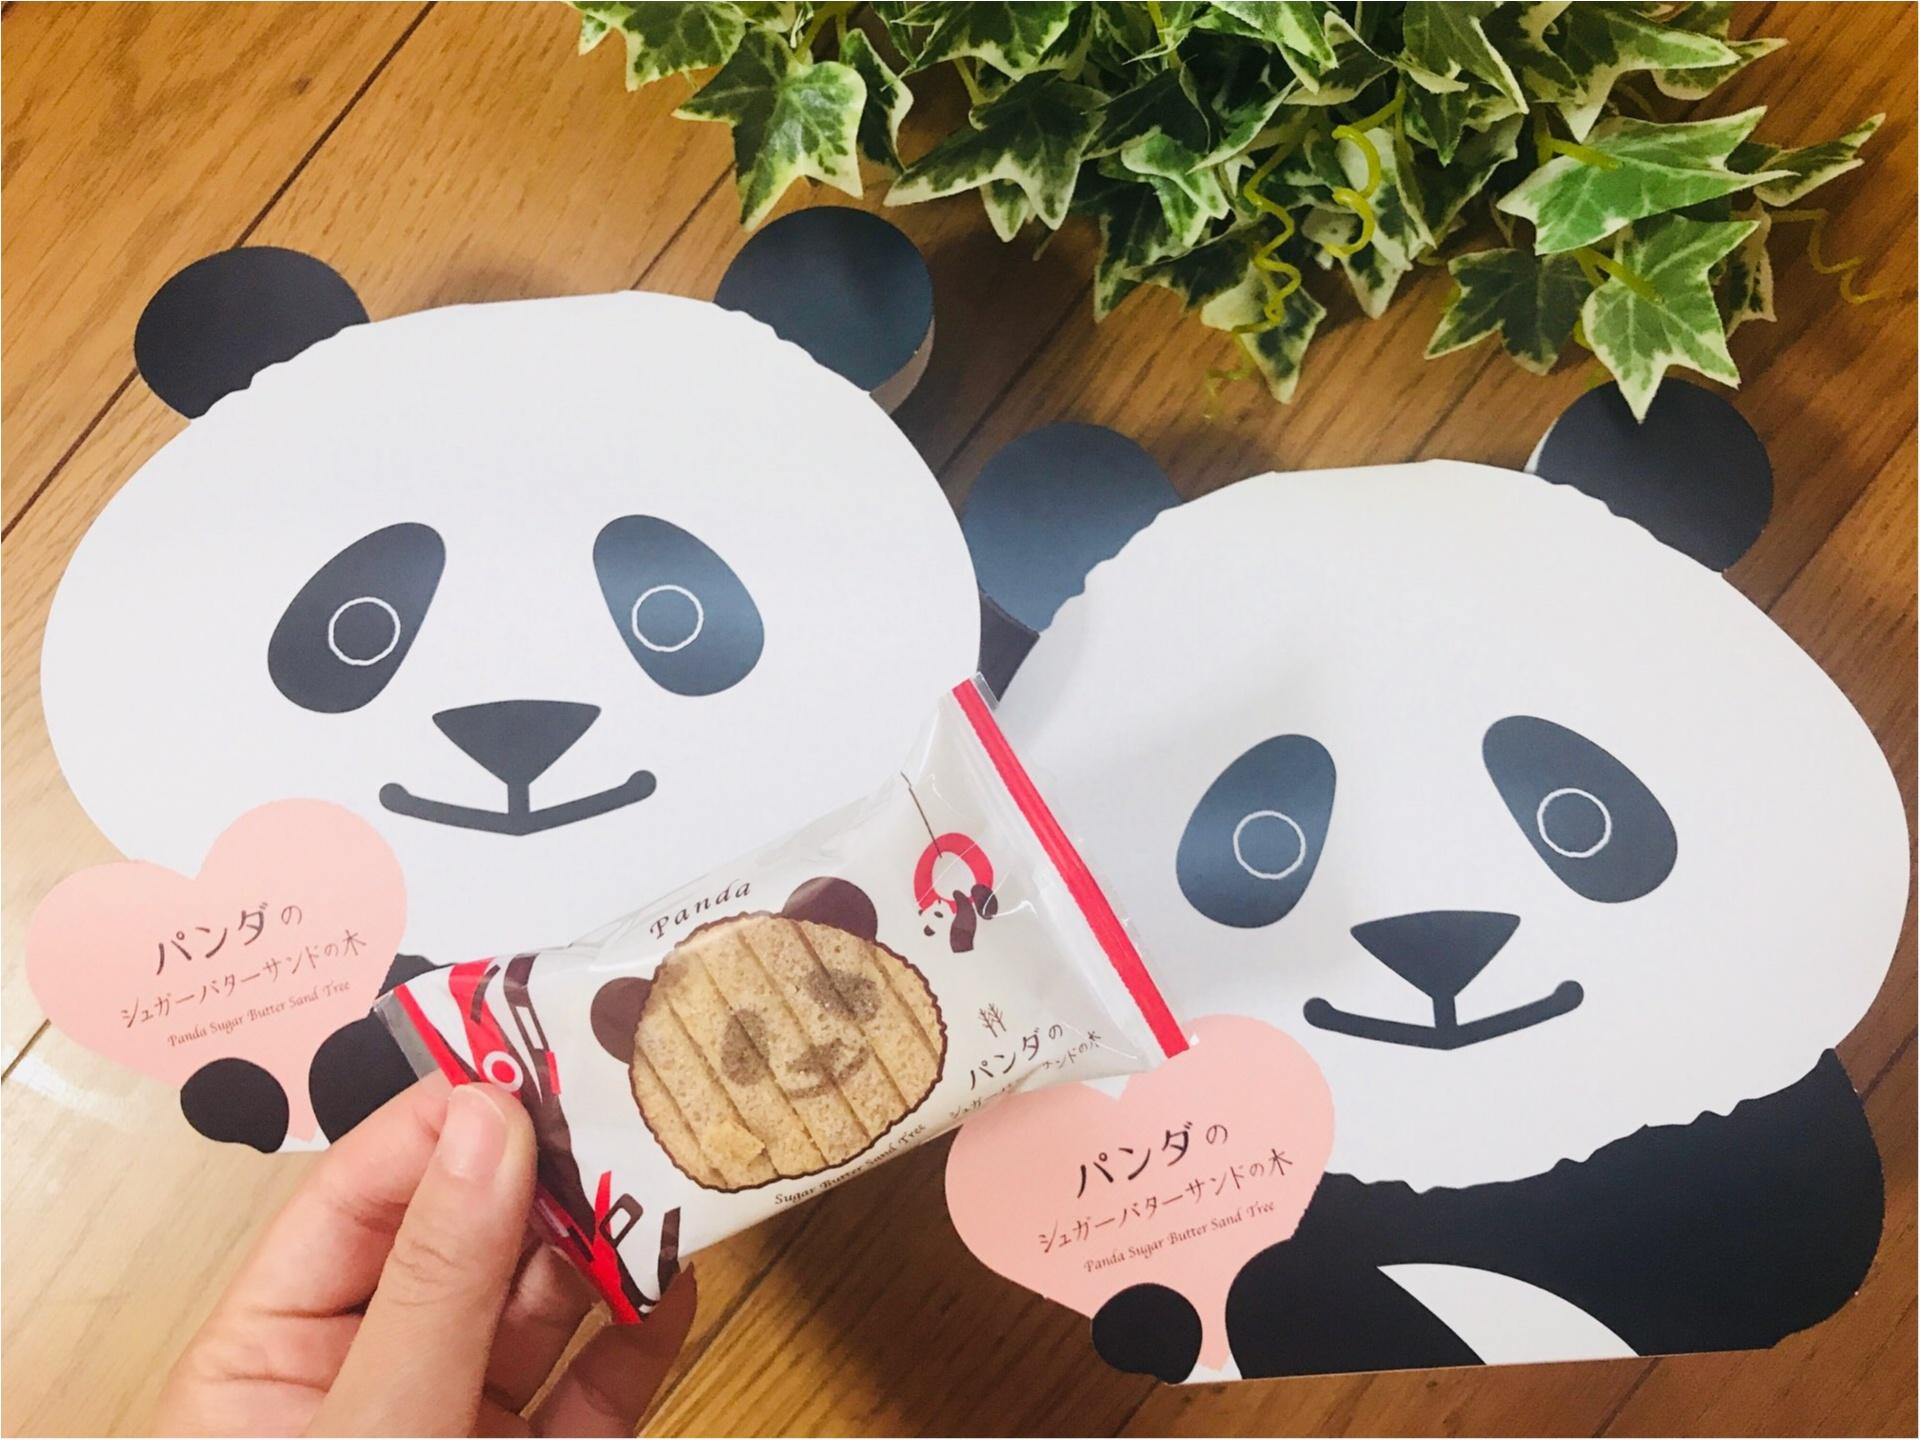 """【帰省土産】はコレで決まり!""""パンダ""""モチーフの《シュガーバターサンドの木》♡_1"""